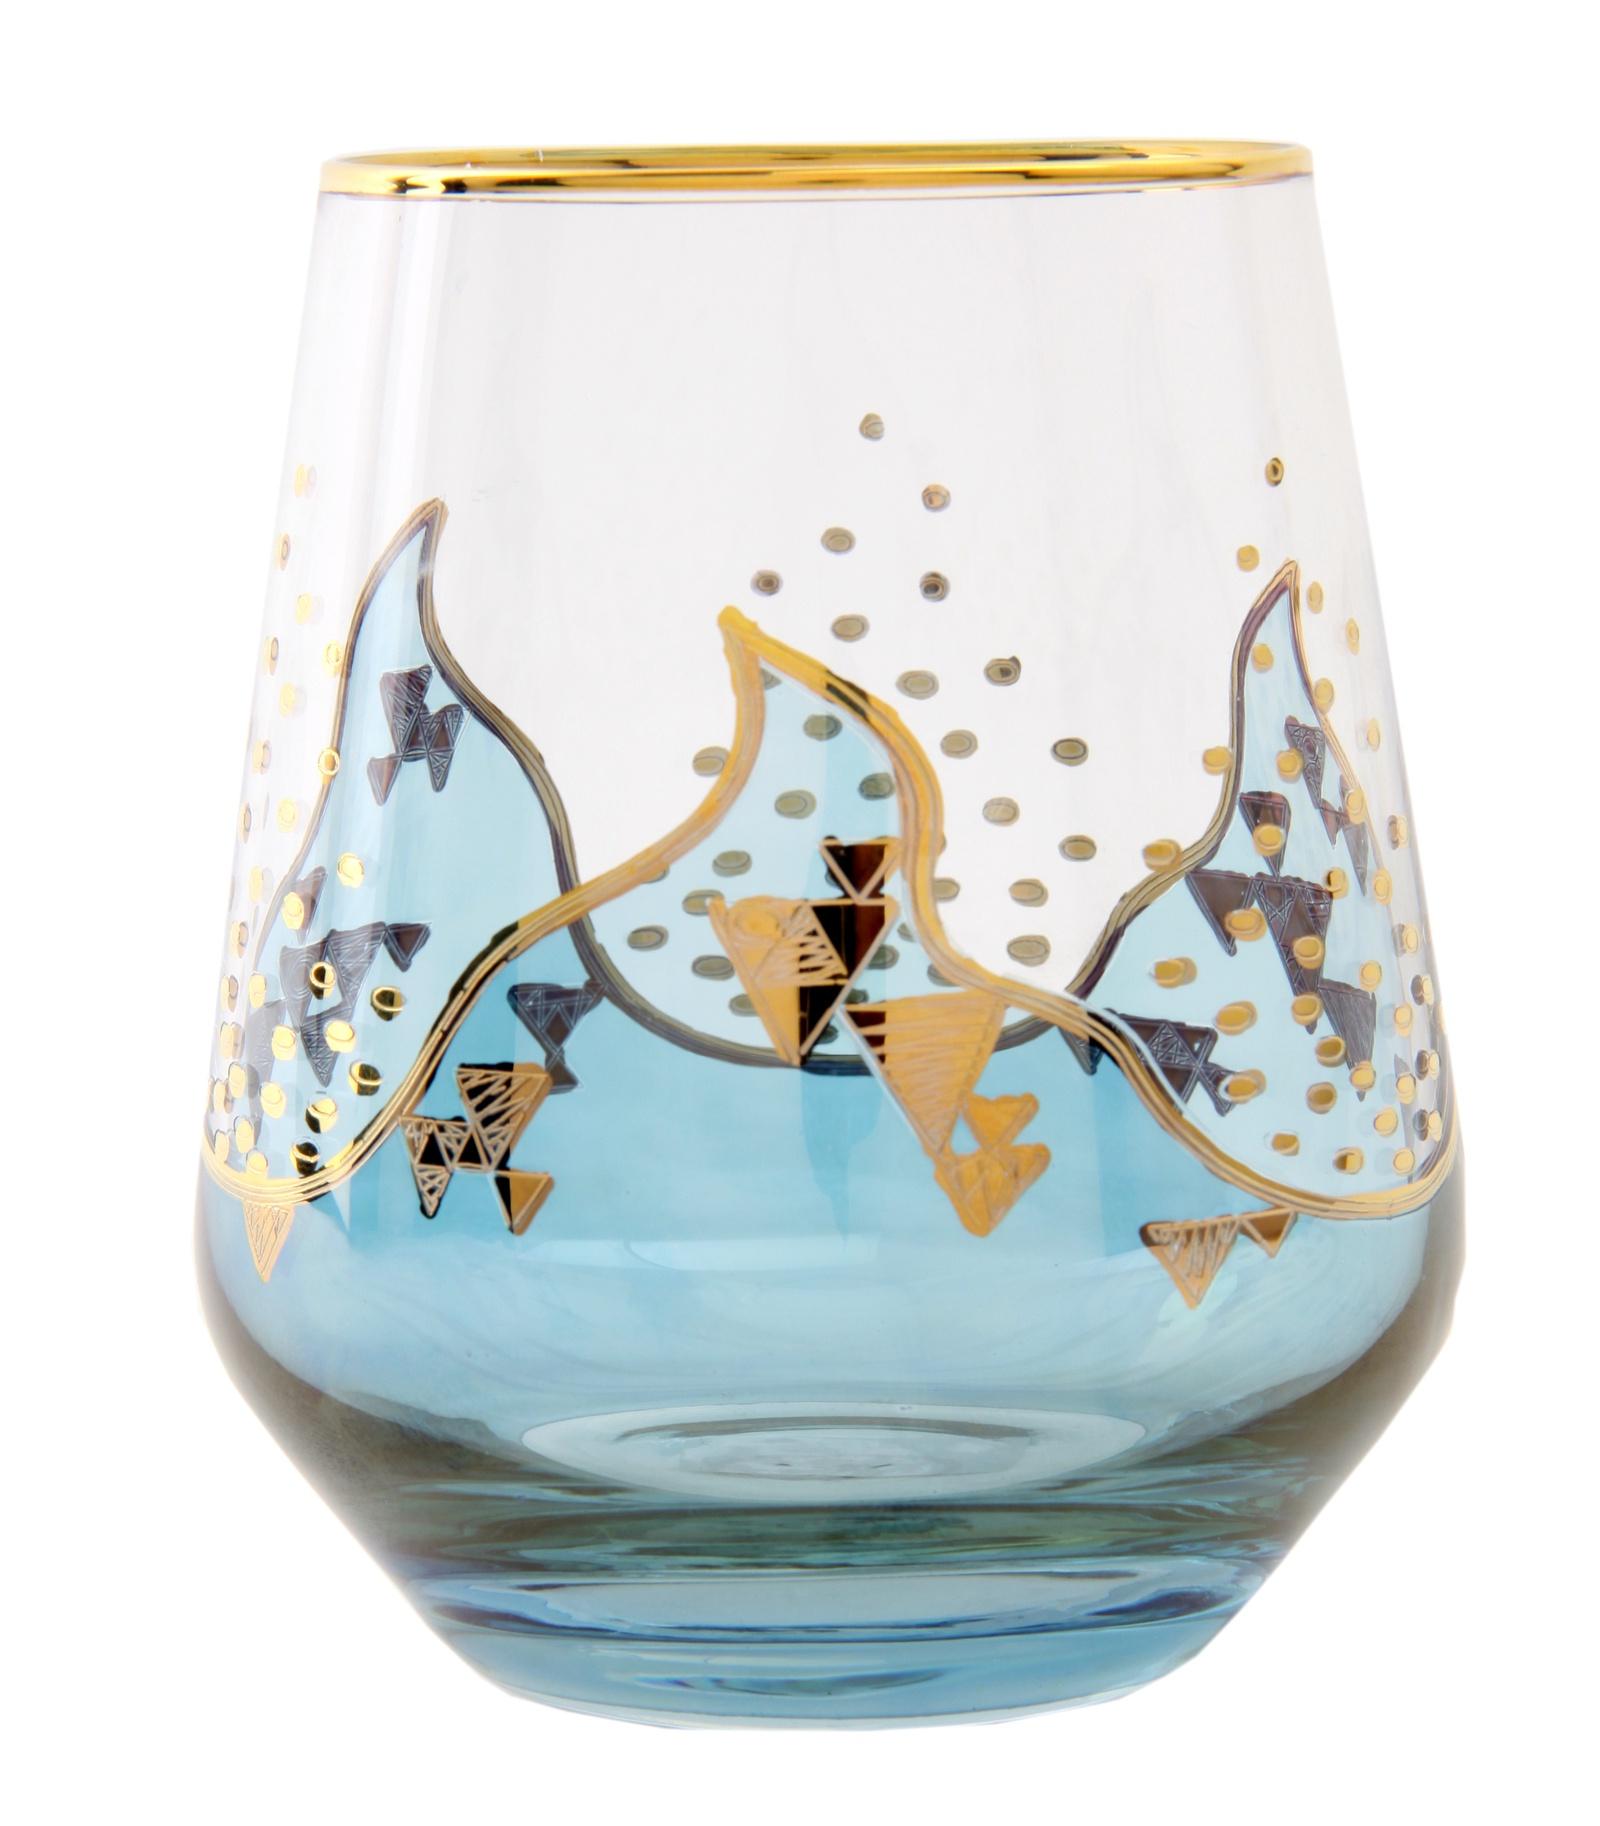 Стакан Naturel Лаура голубая, G 155 Z-27-11 BLUE, голубой, золотой